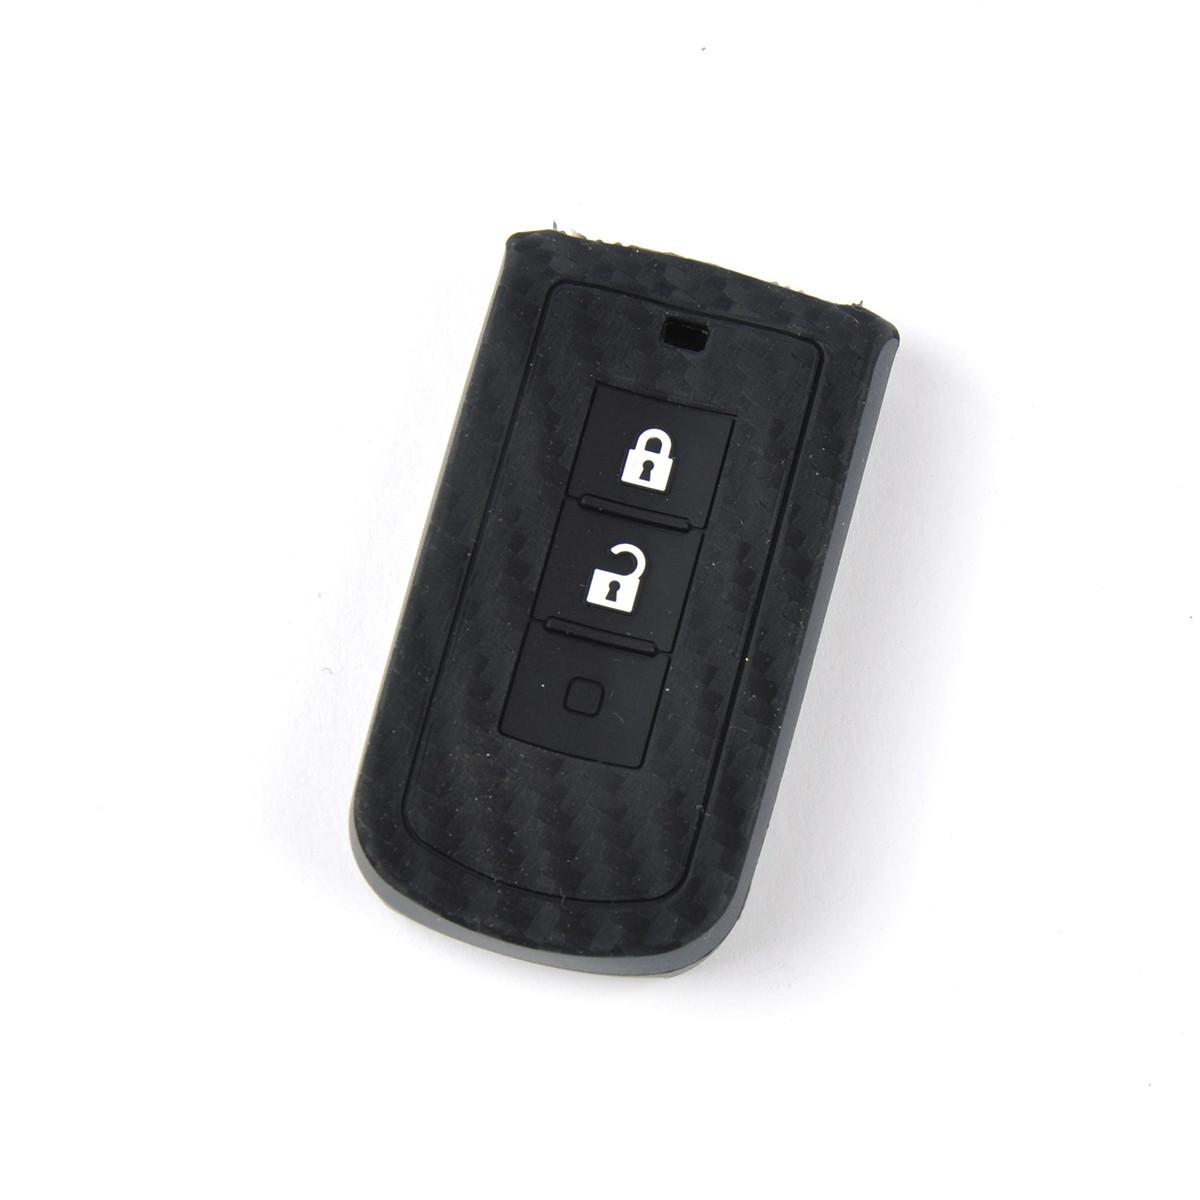 Чехол на пульт сигнализации силиконовый Mitsubishi Carbon 951 (3875)